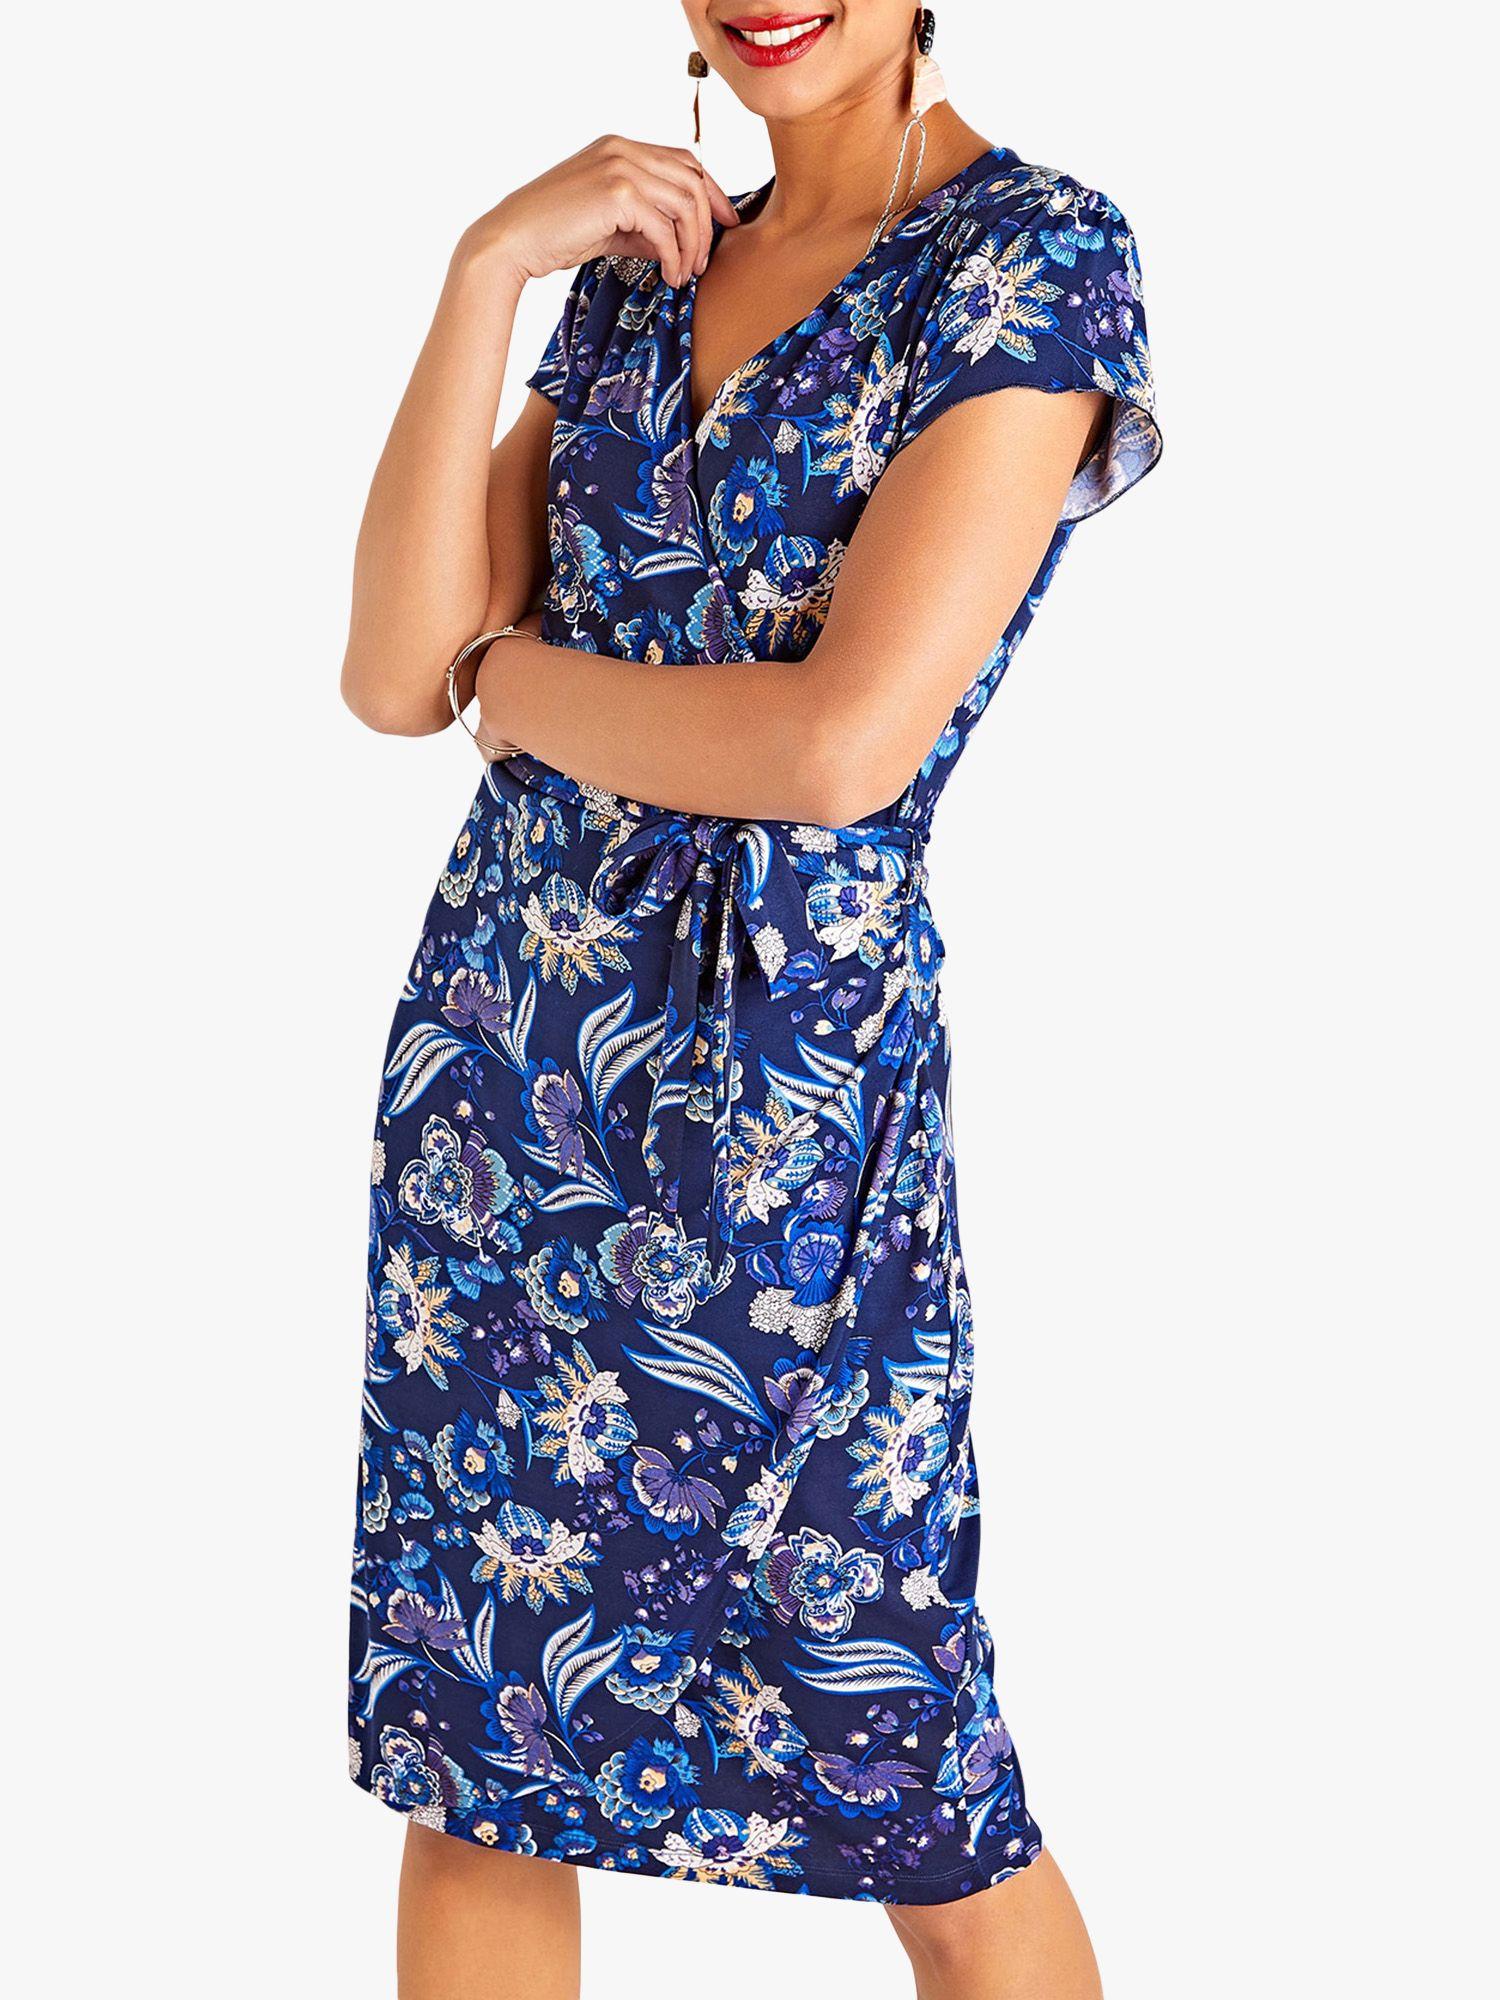 Yumi Yumi Vibrant Dress, Navy